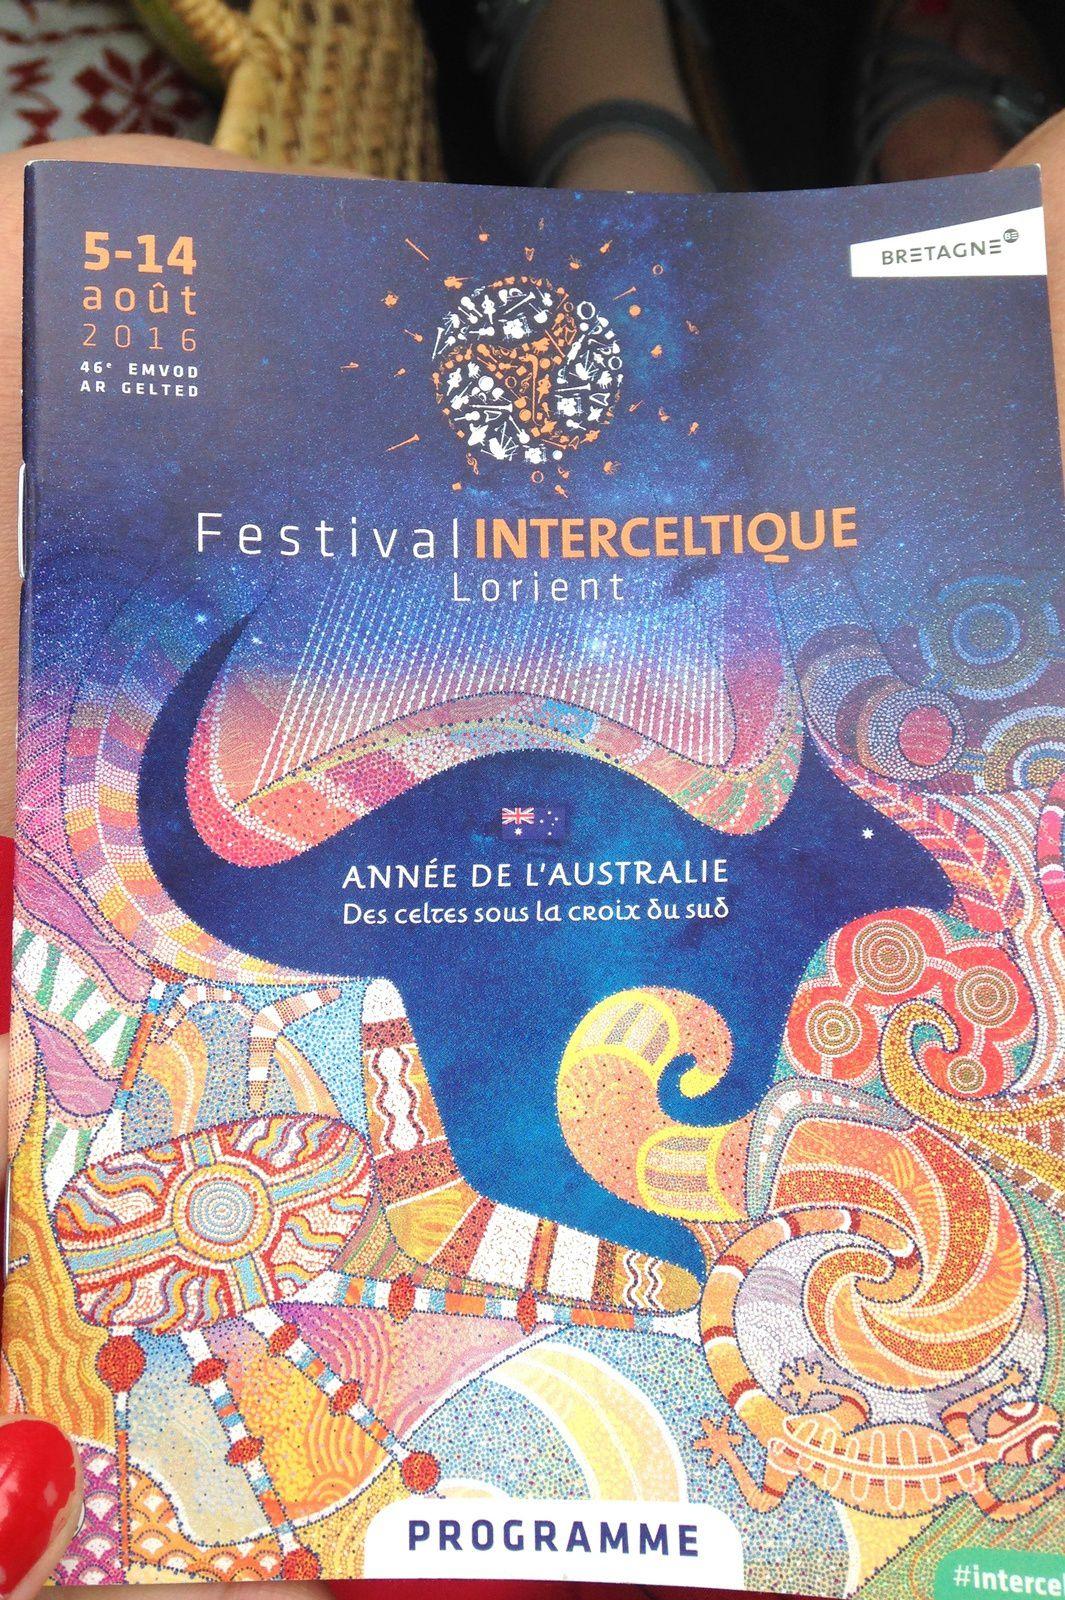 Le festival interceltique de Lorient 2016 est sur le thème de l'Australie cette année.